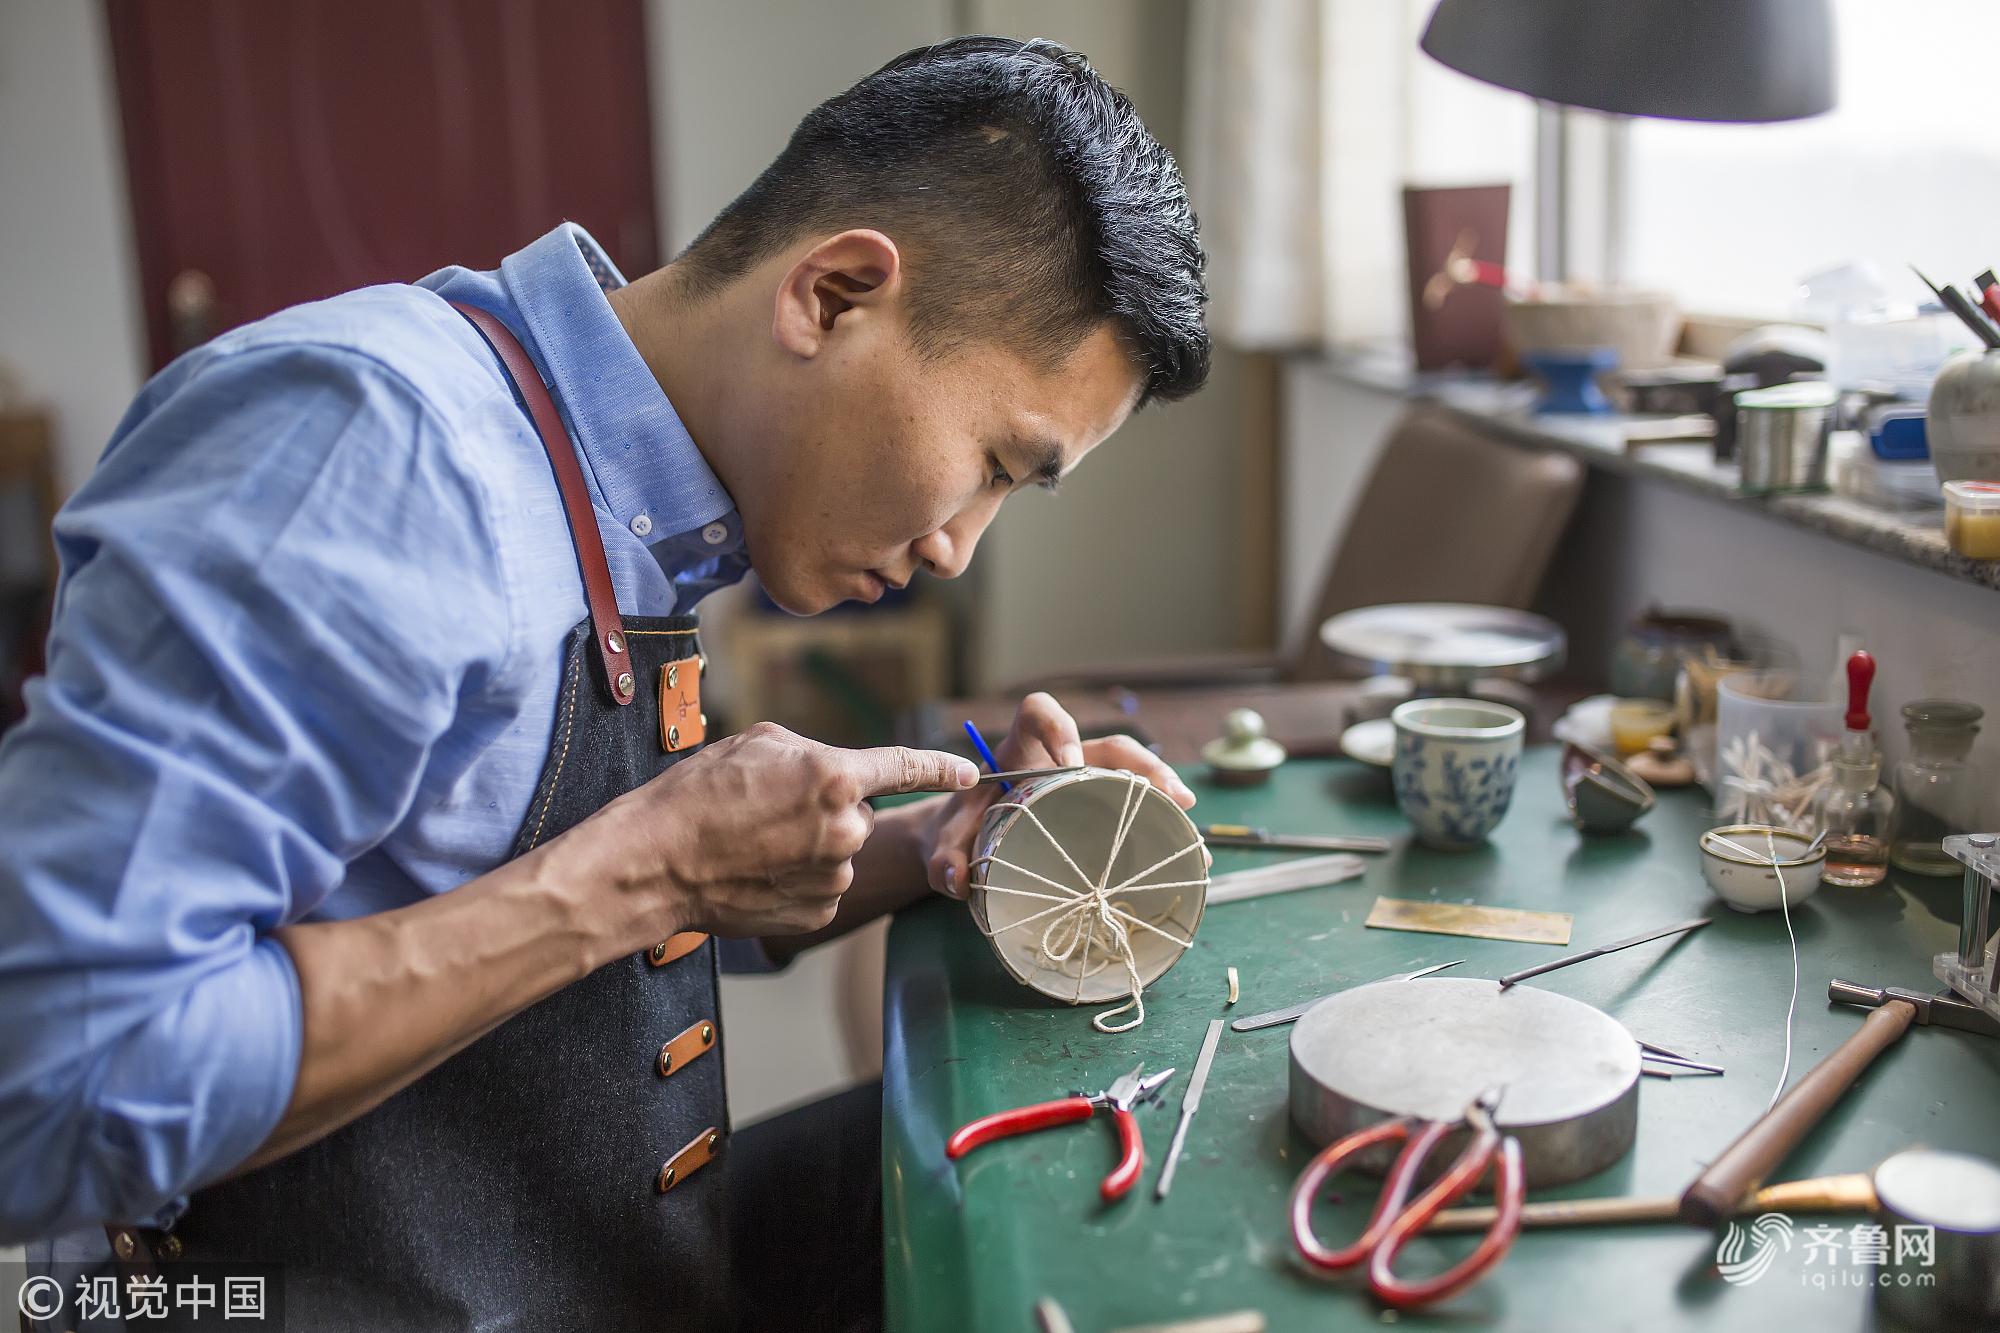 滨州:80先人力专员跨行锔瓷技术 破裂瓷器升华为别样艺术品